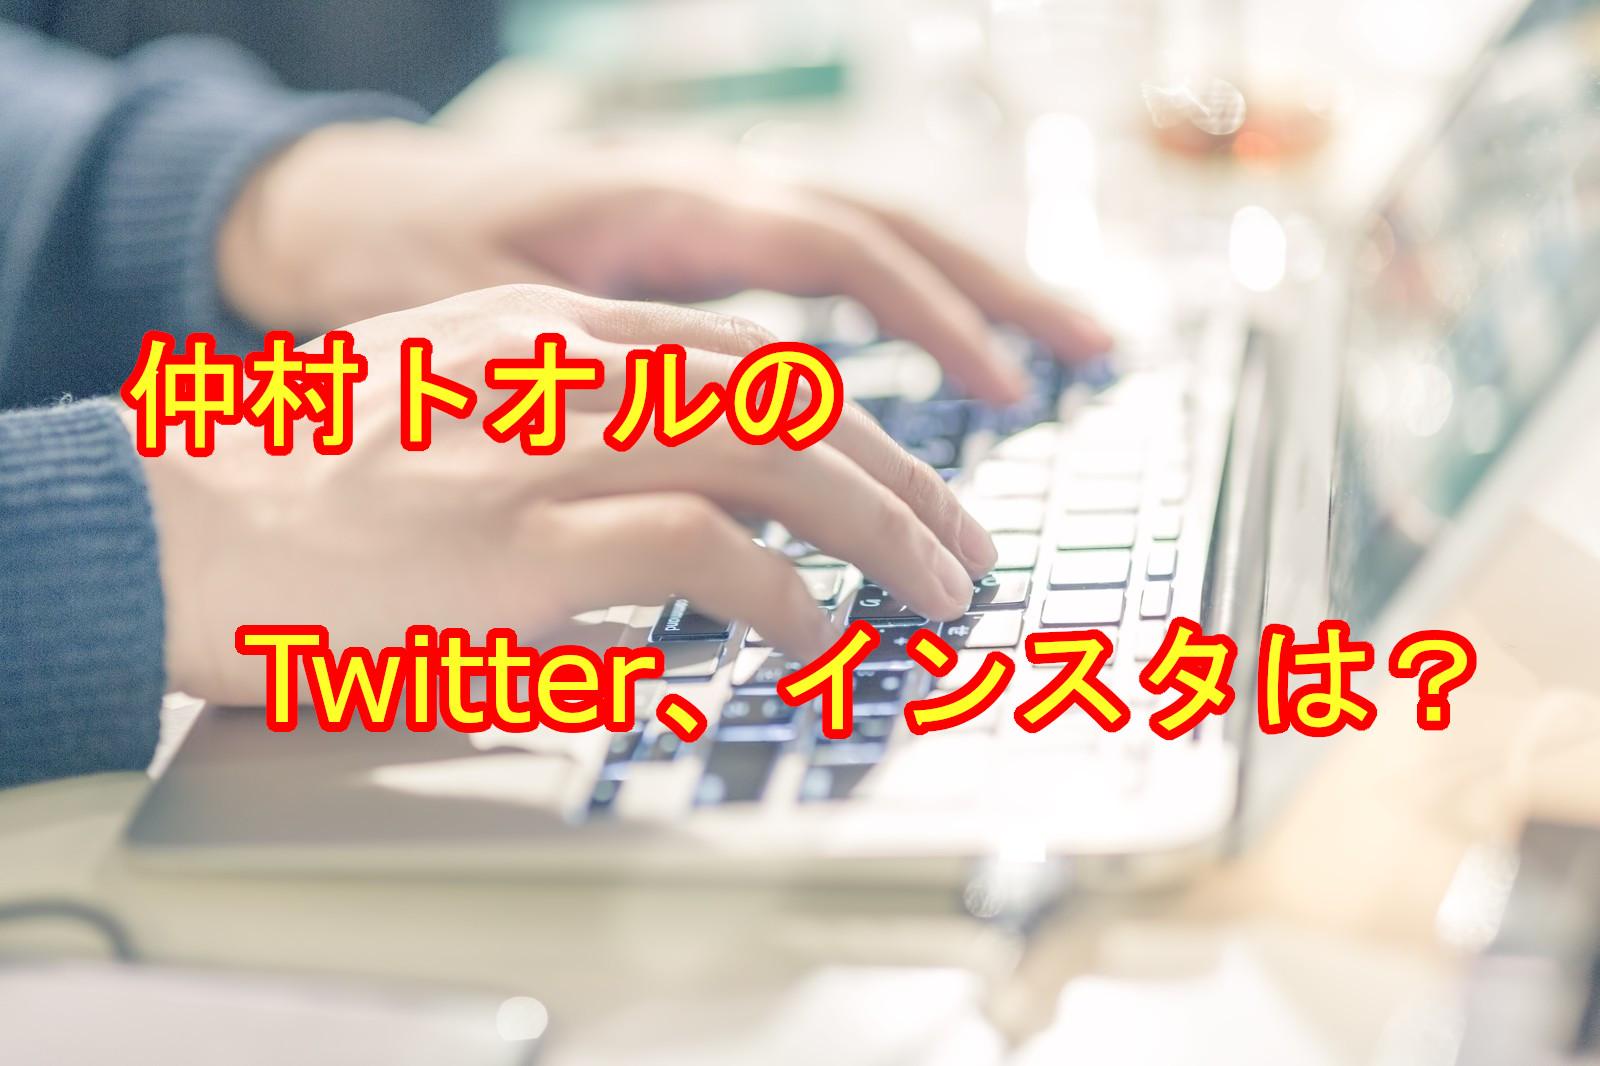 仲村トオルのツイッター・インスタグラム